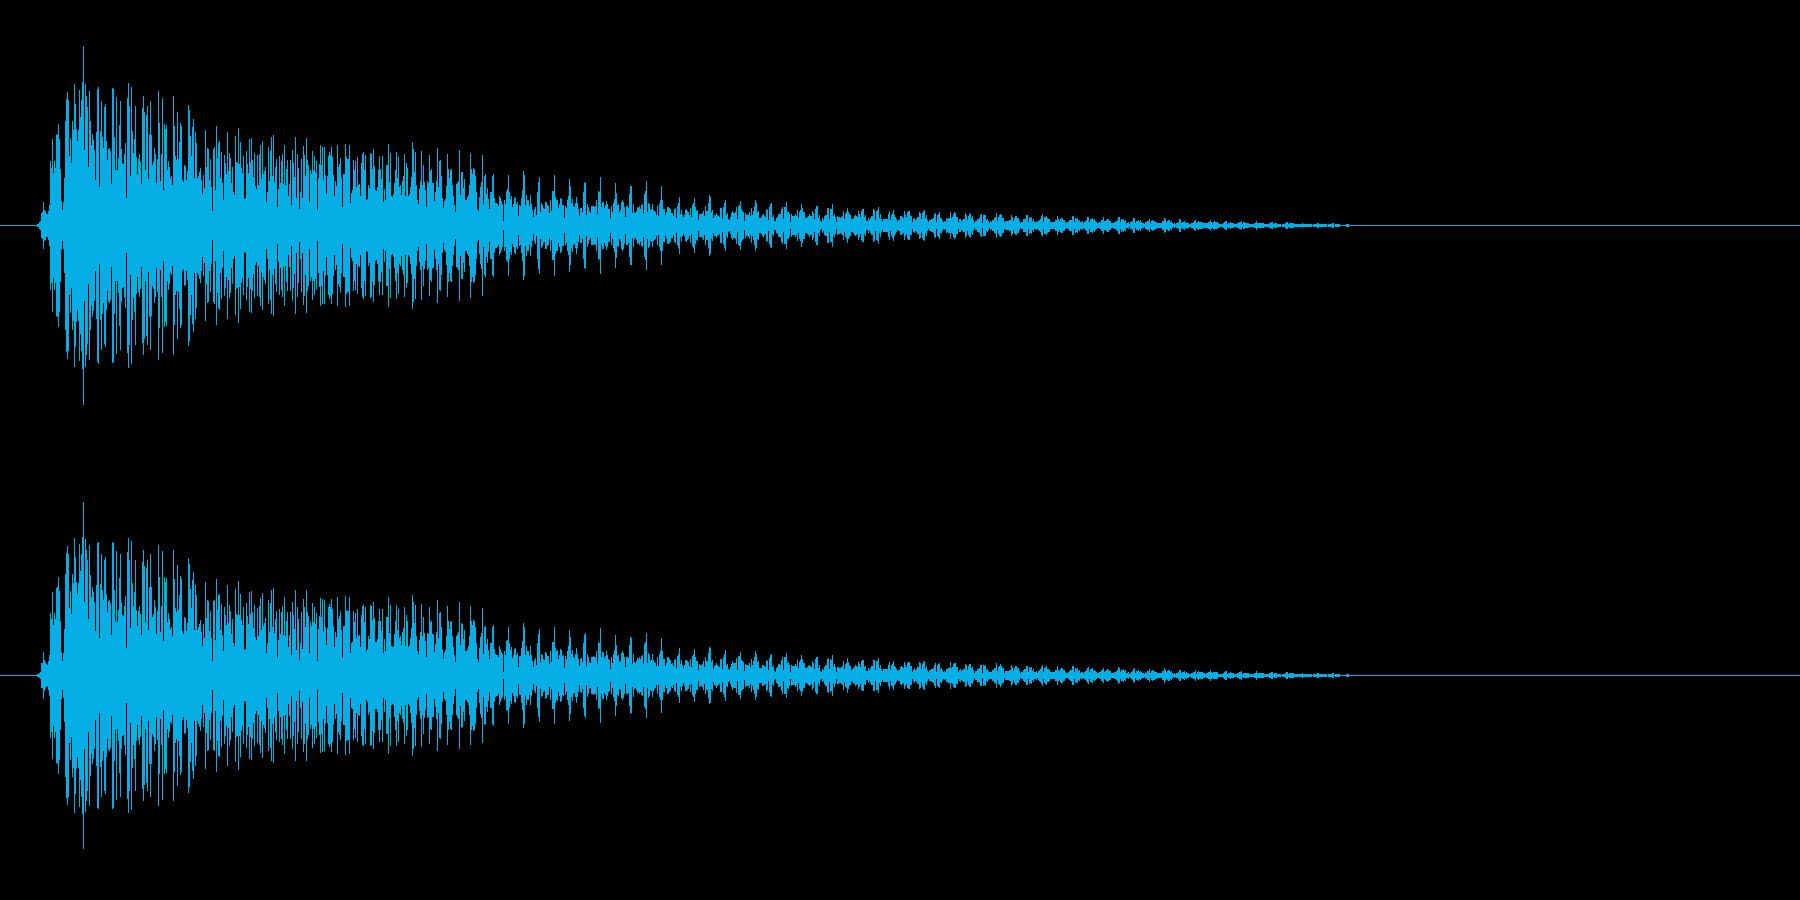 ピョロン電子音効果音の再生済みの波形